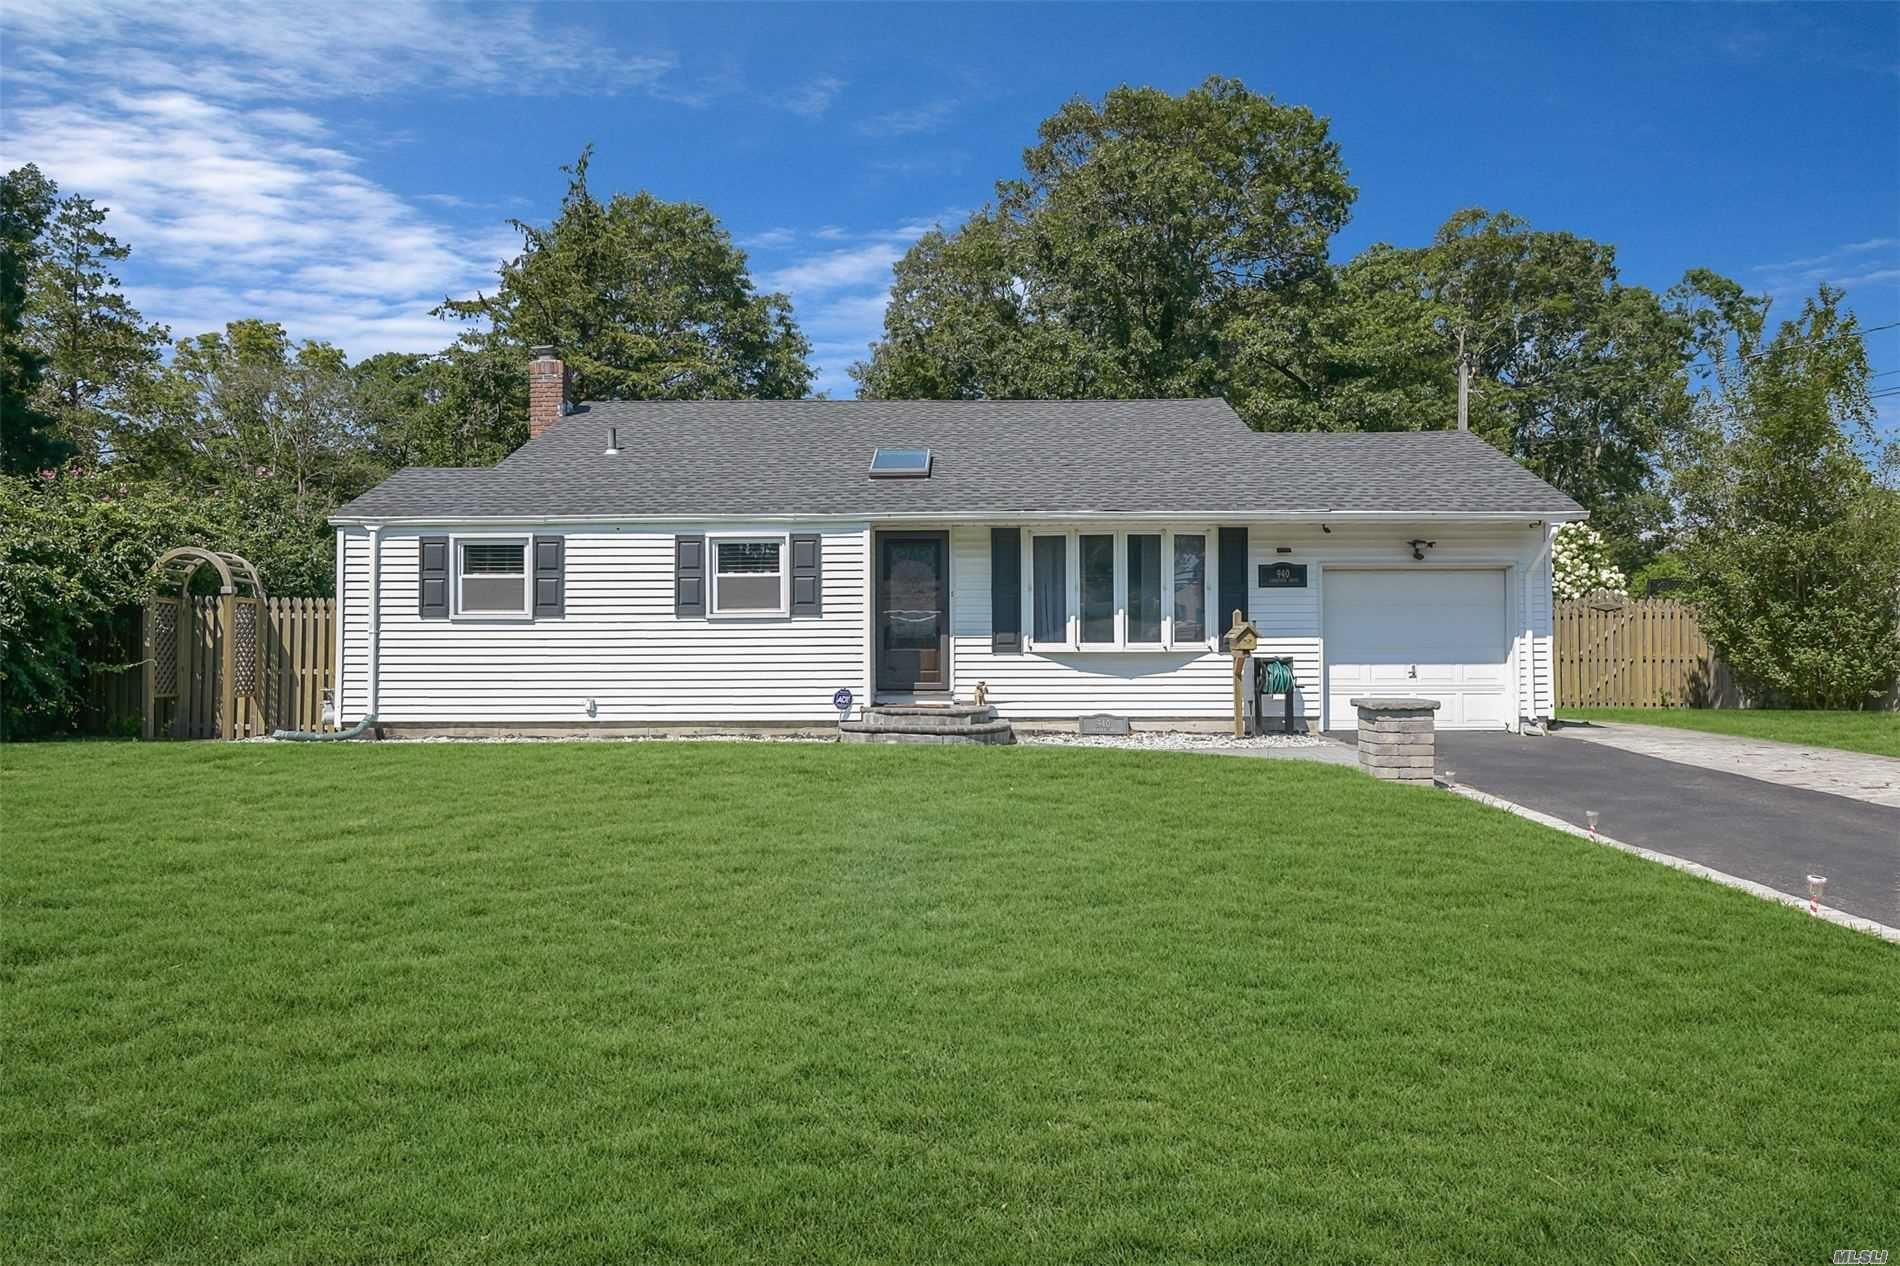 940 Gardiner Drive, Bay Shore, NY 11706 - MLS#: 3240506